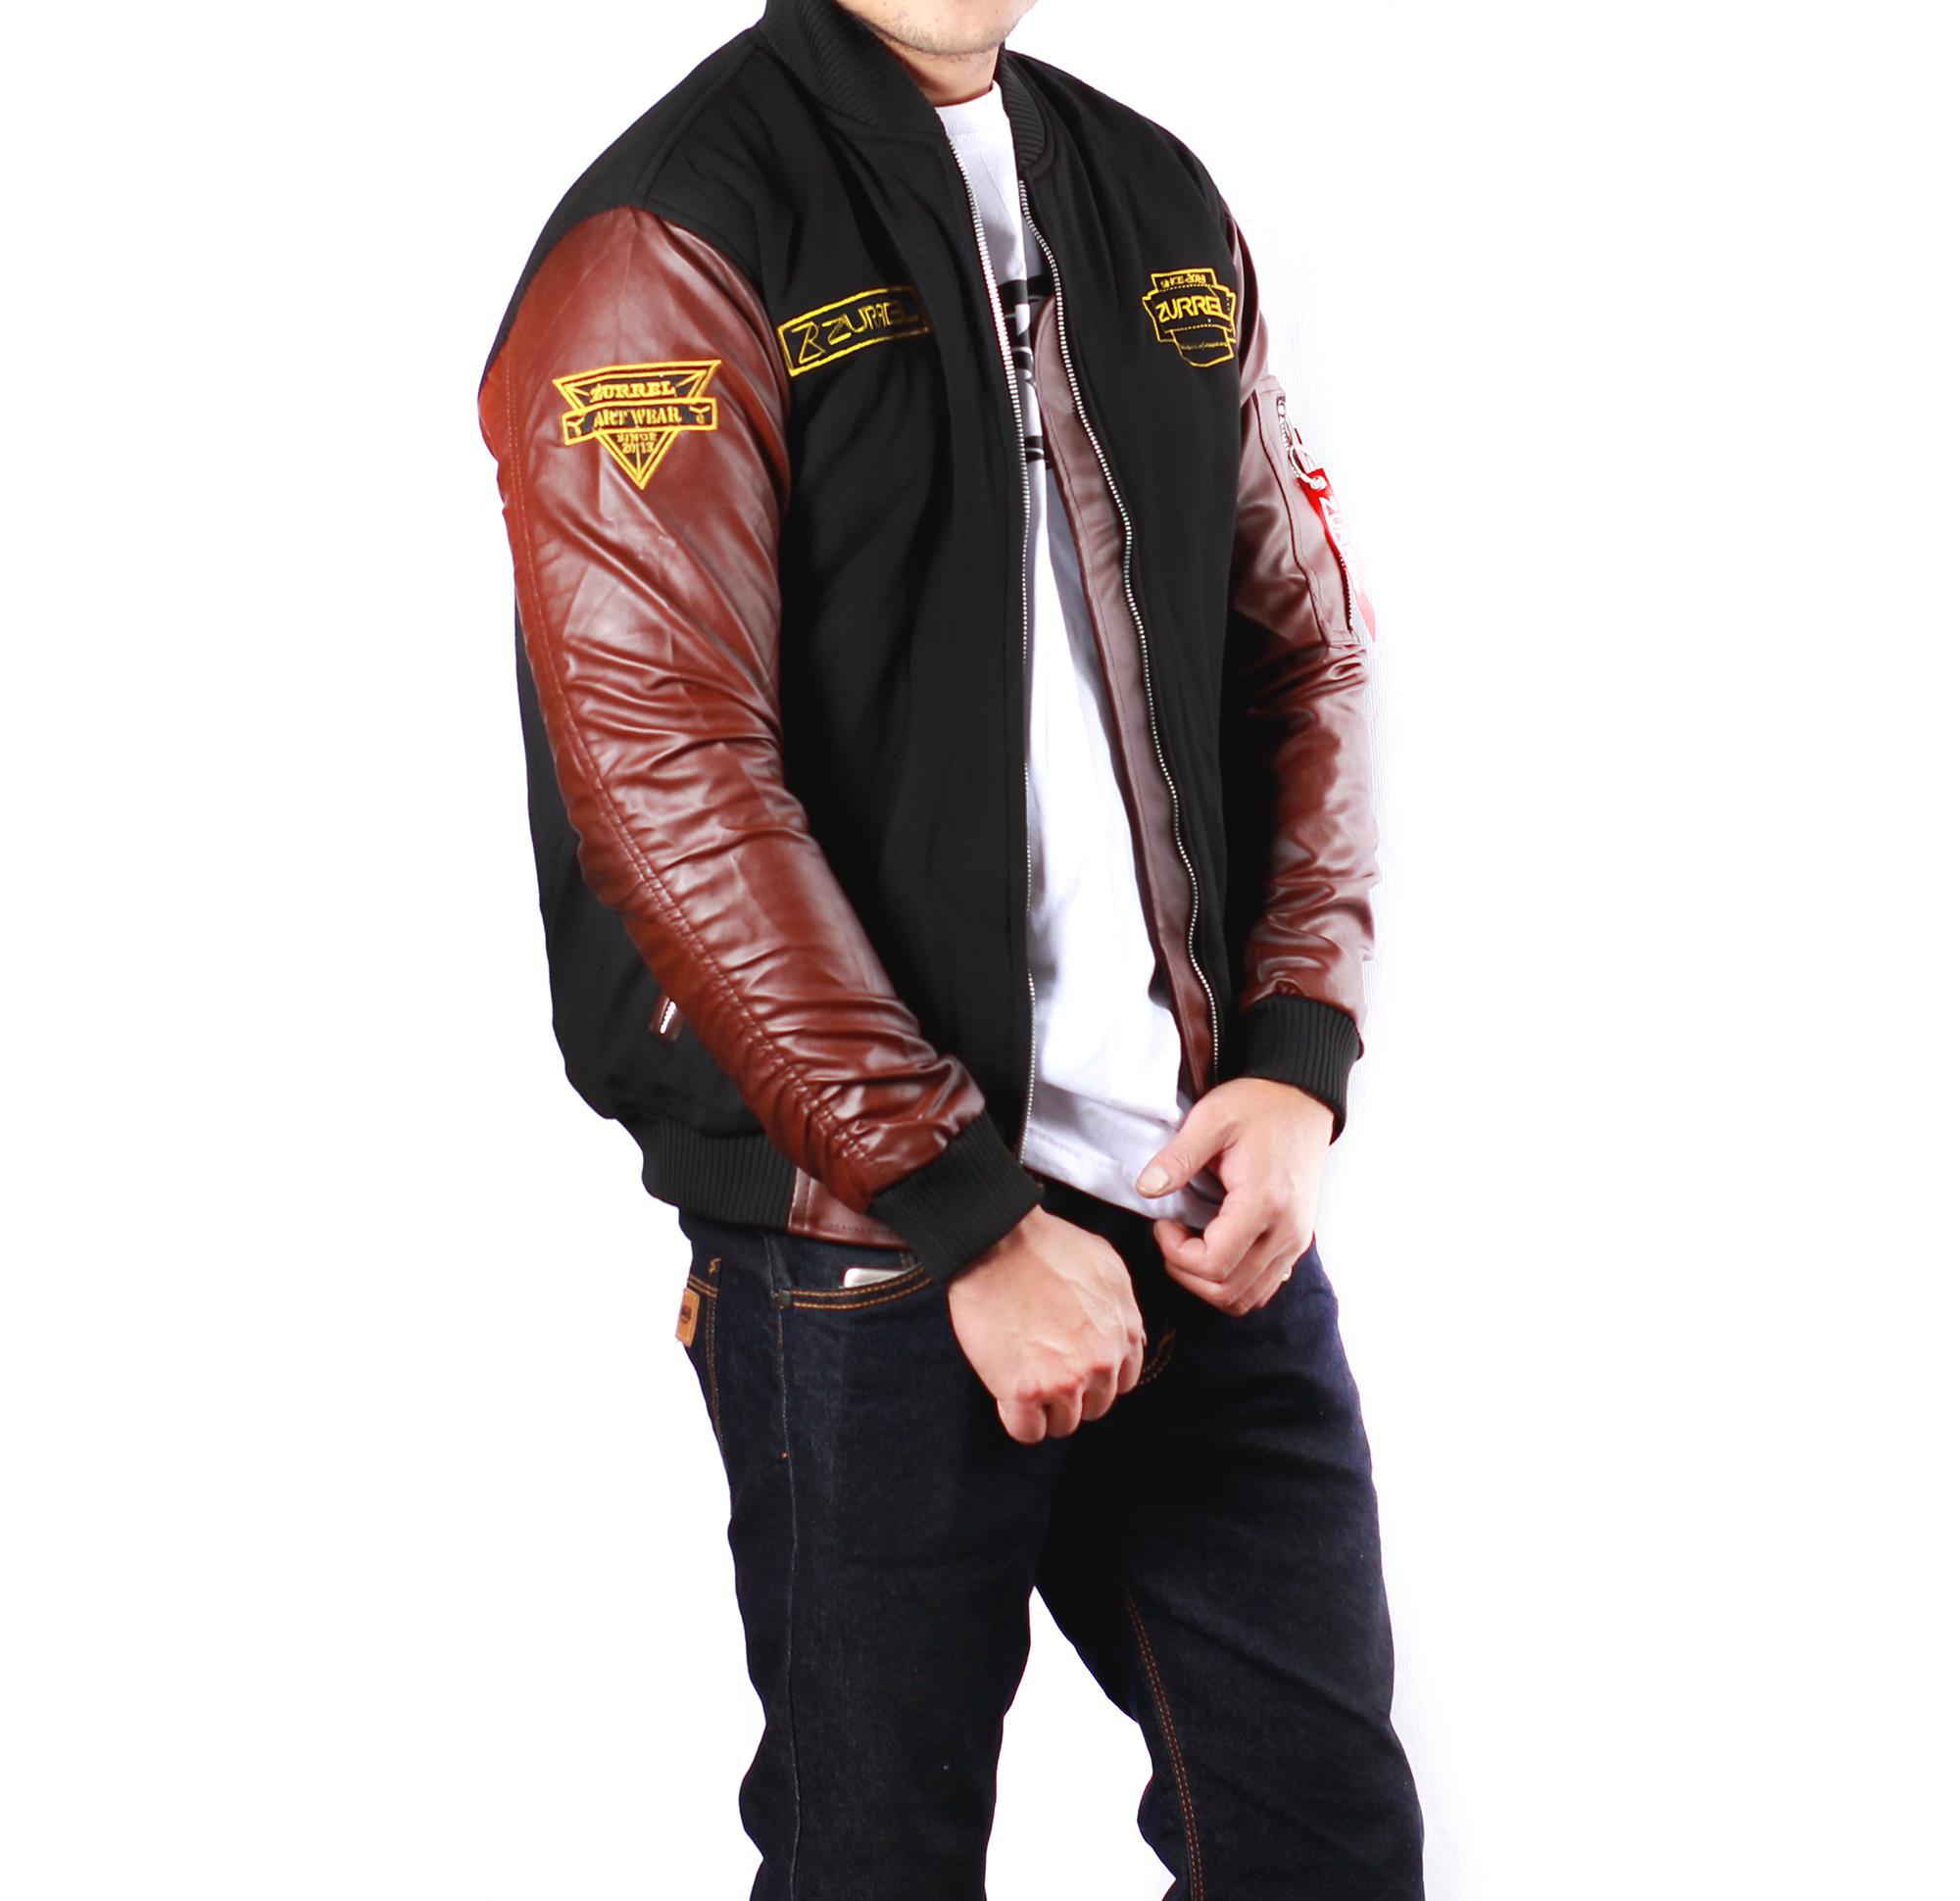 Jaket Pria Bomber Pilot Original Zurrel Kulit Combi Fleece  Black-Brown  1718055508